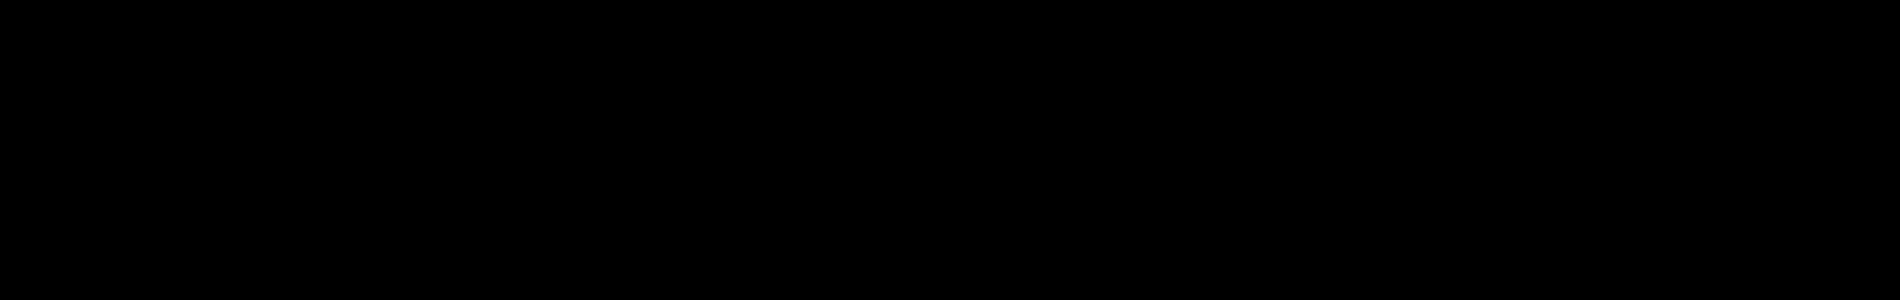 blackcabs TPV